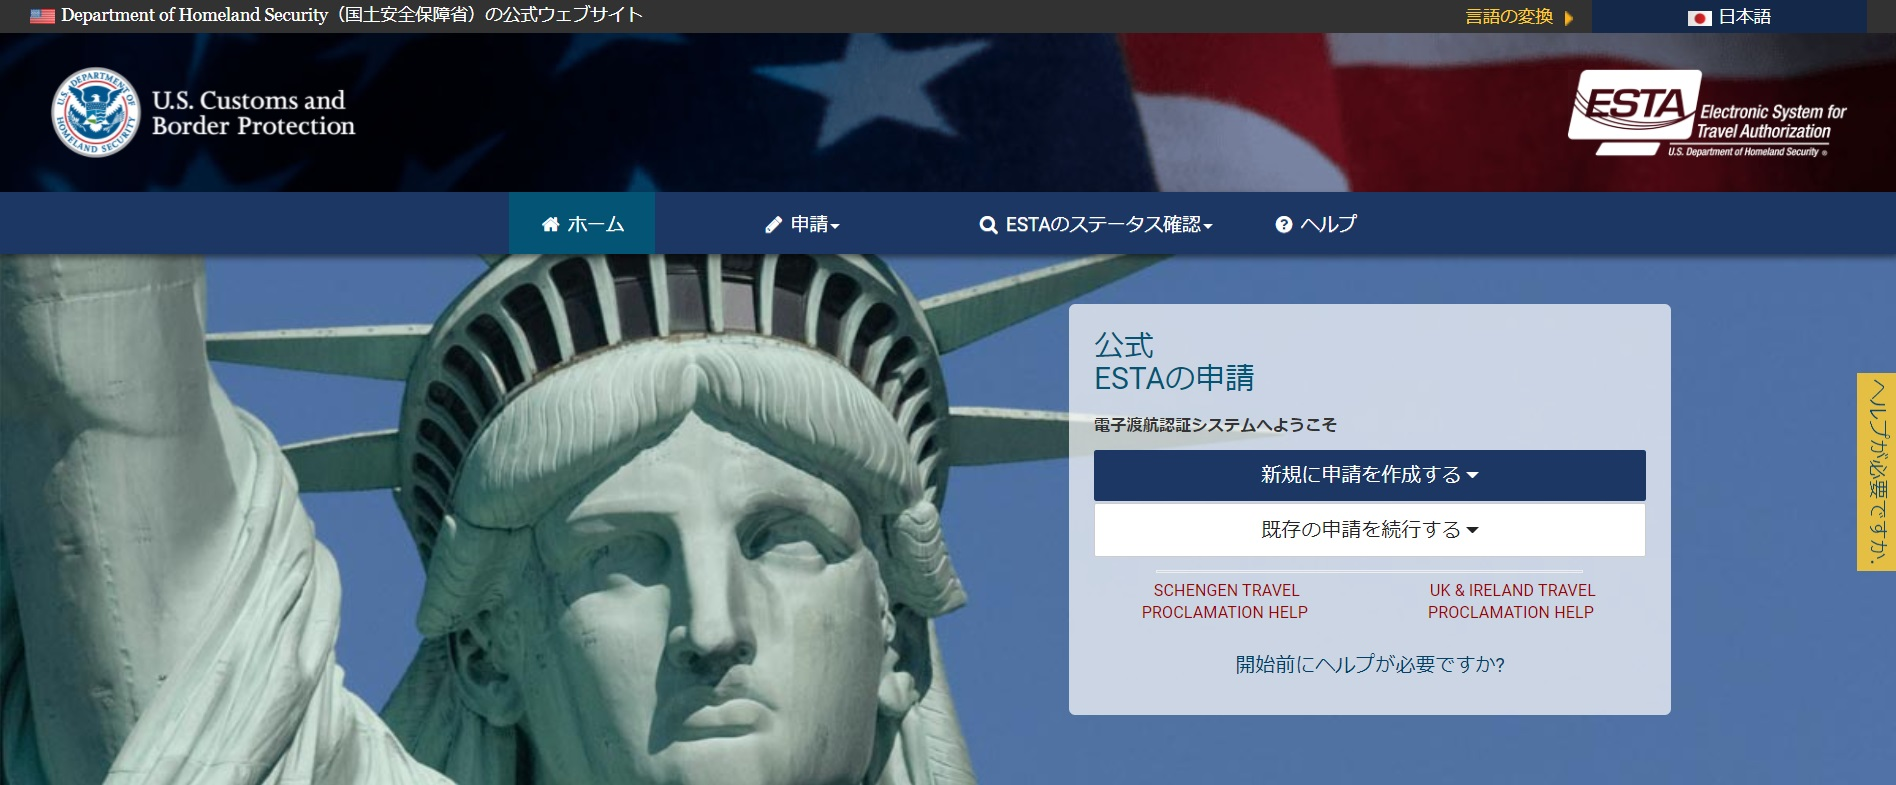 ESTA公式サイト